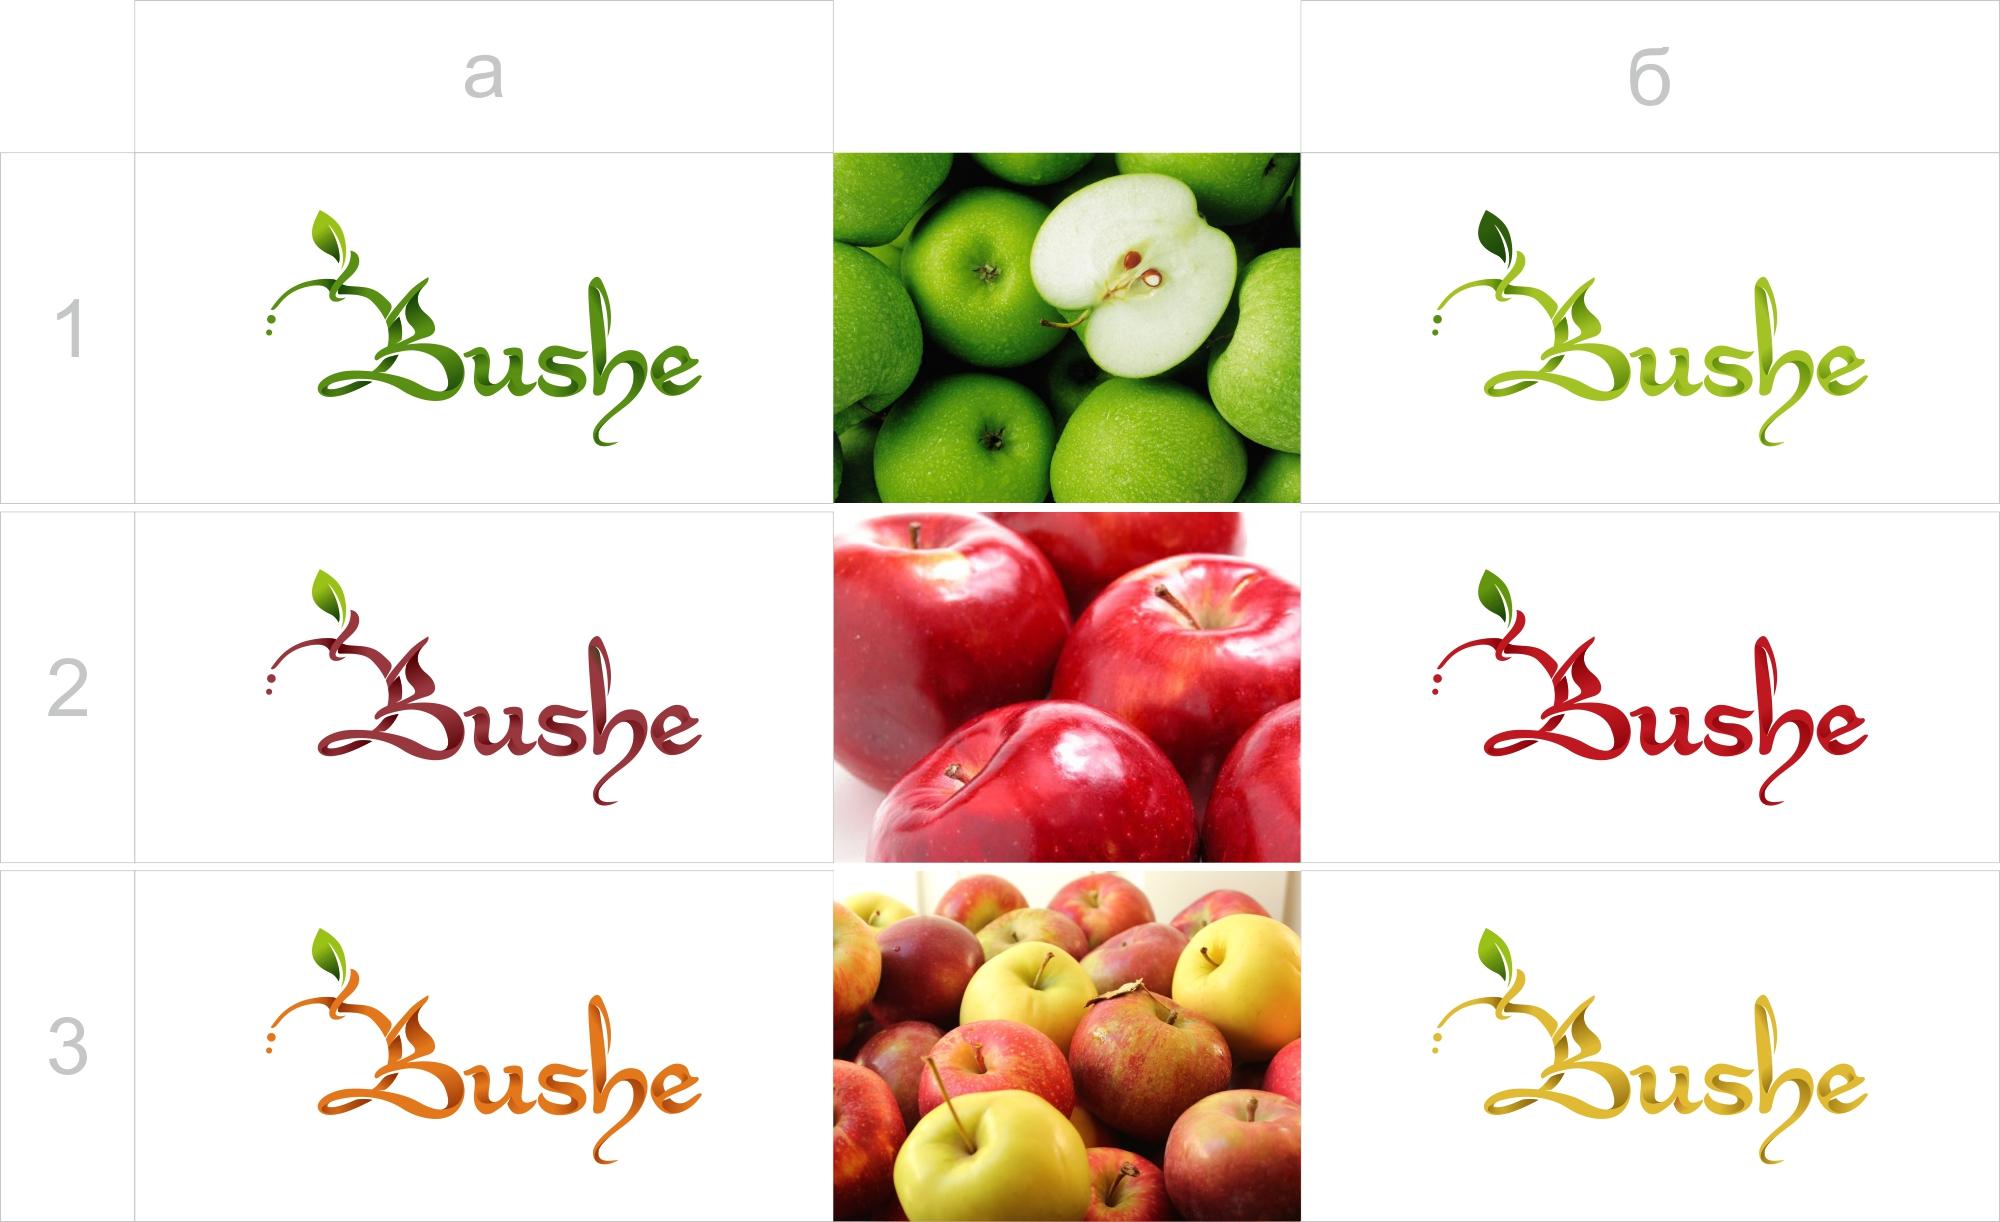 Поиск цвета Bushe